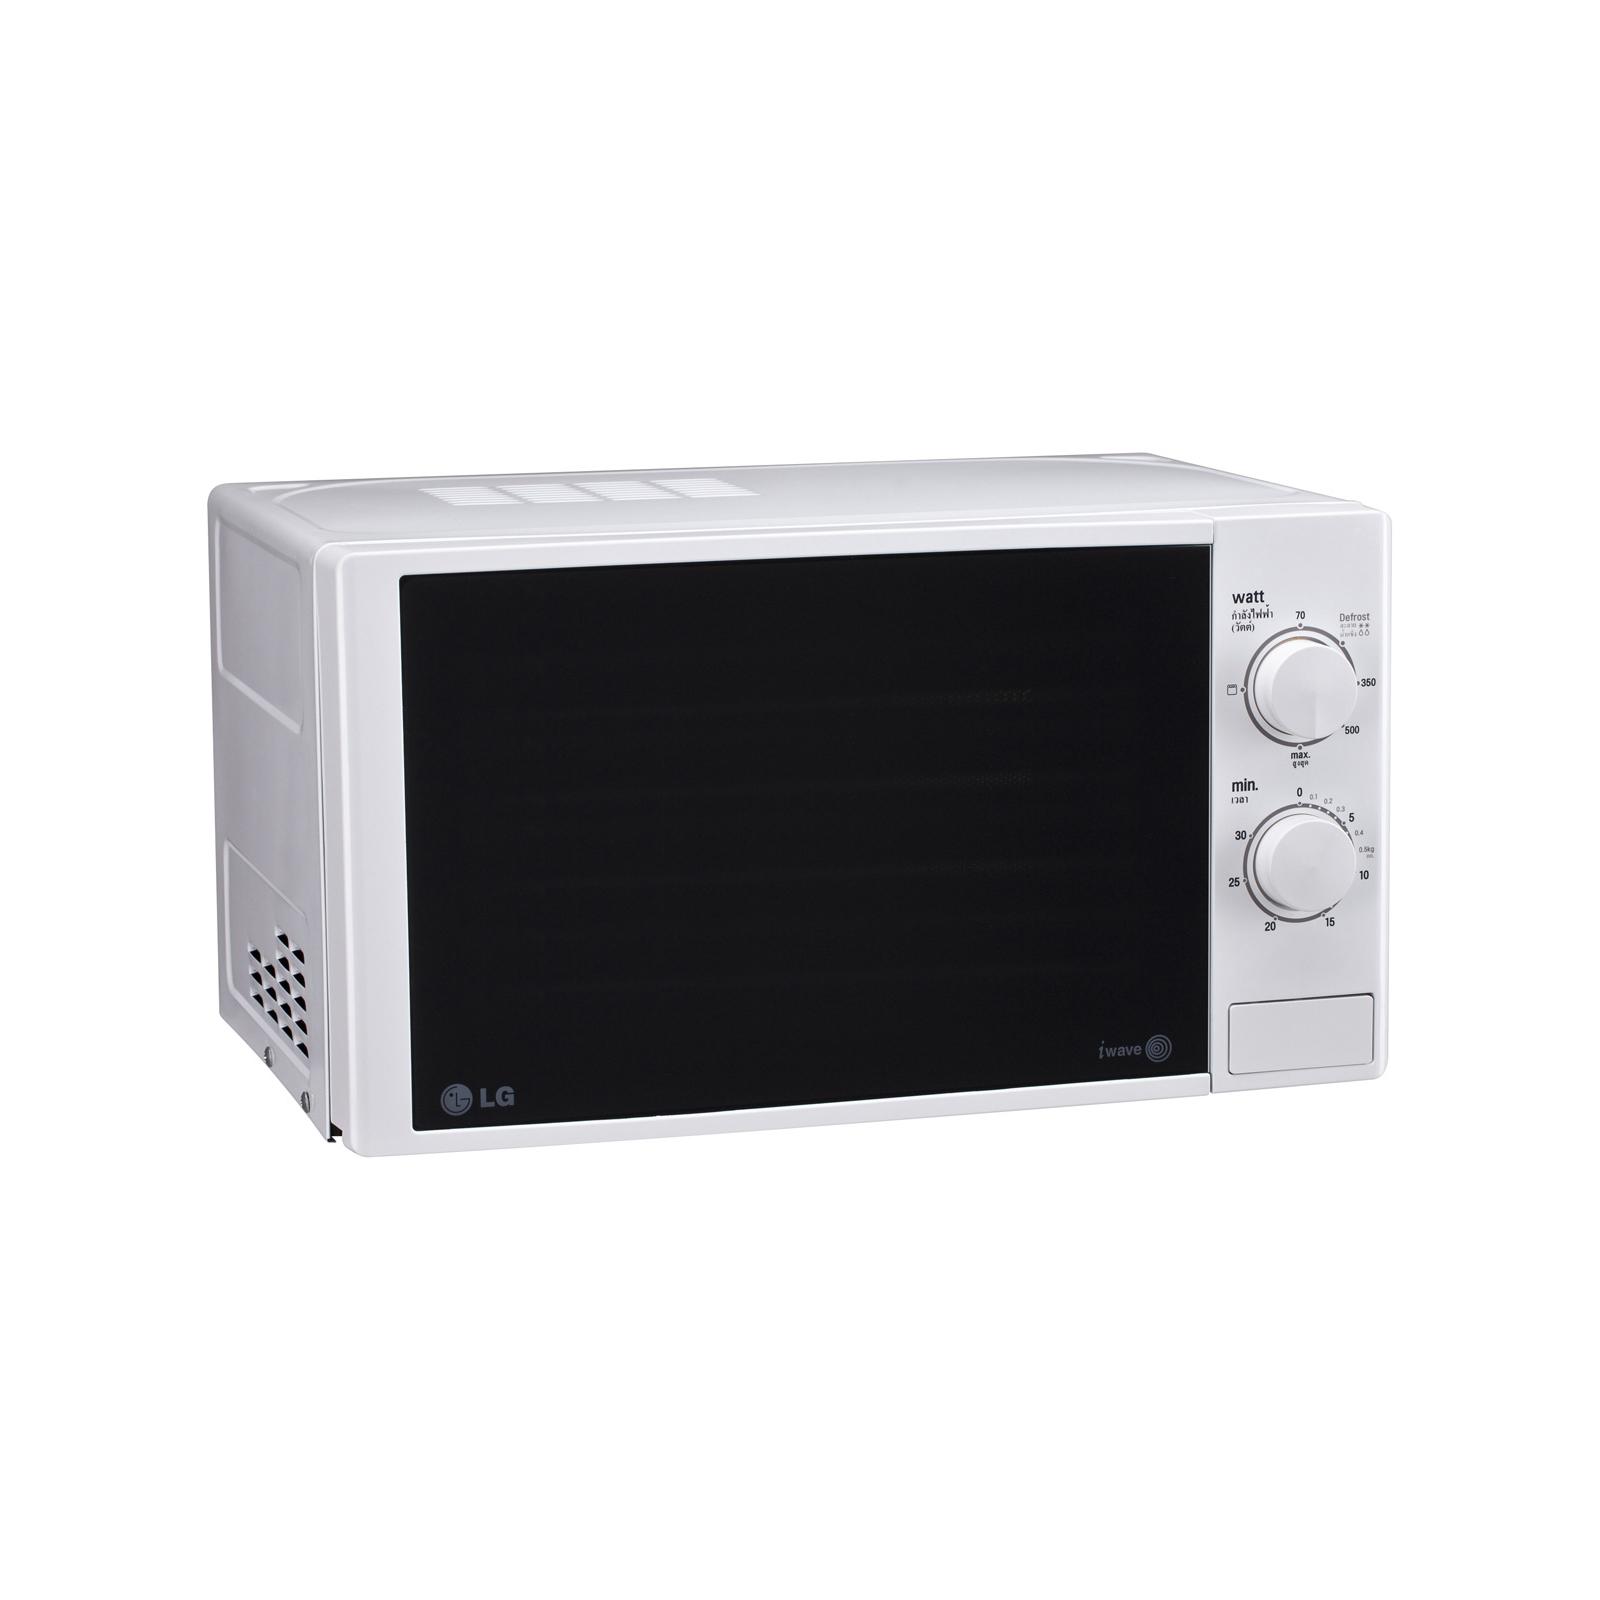 Микроволновая печь LG MH-6022D (MH6022D) изображение 3